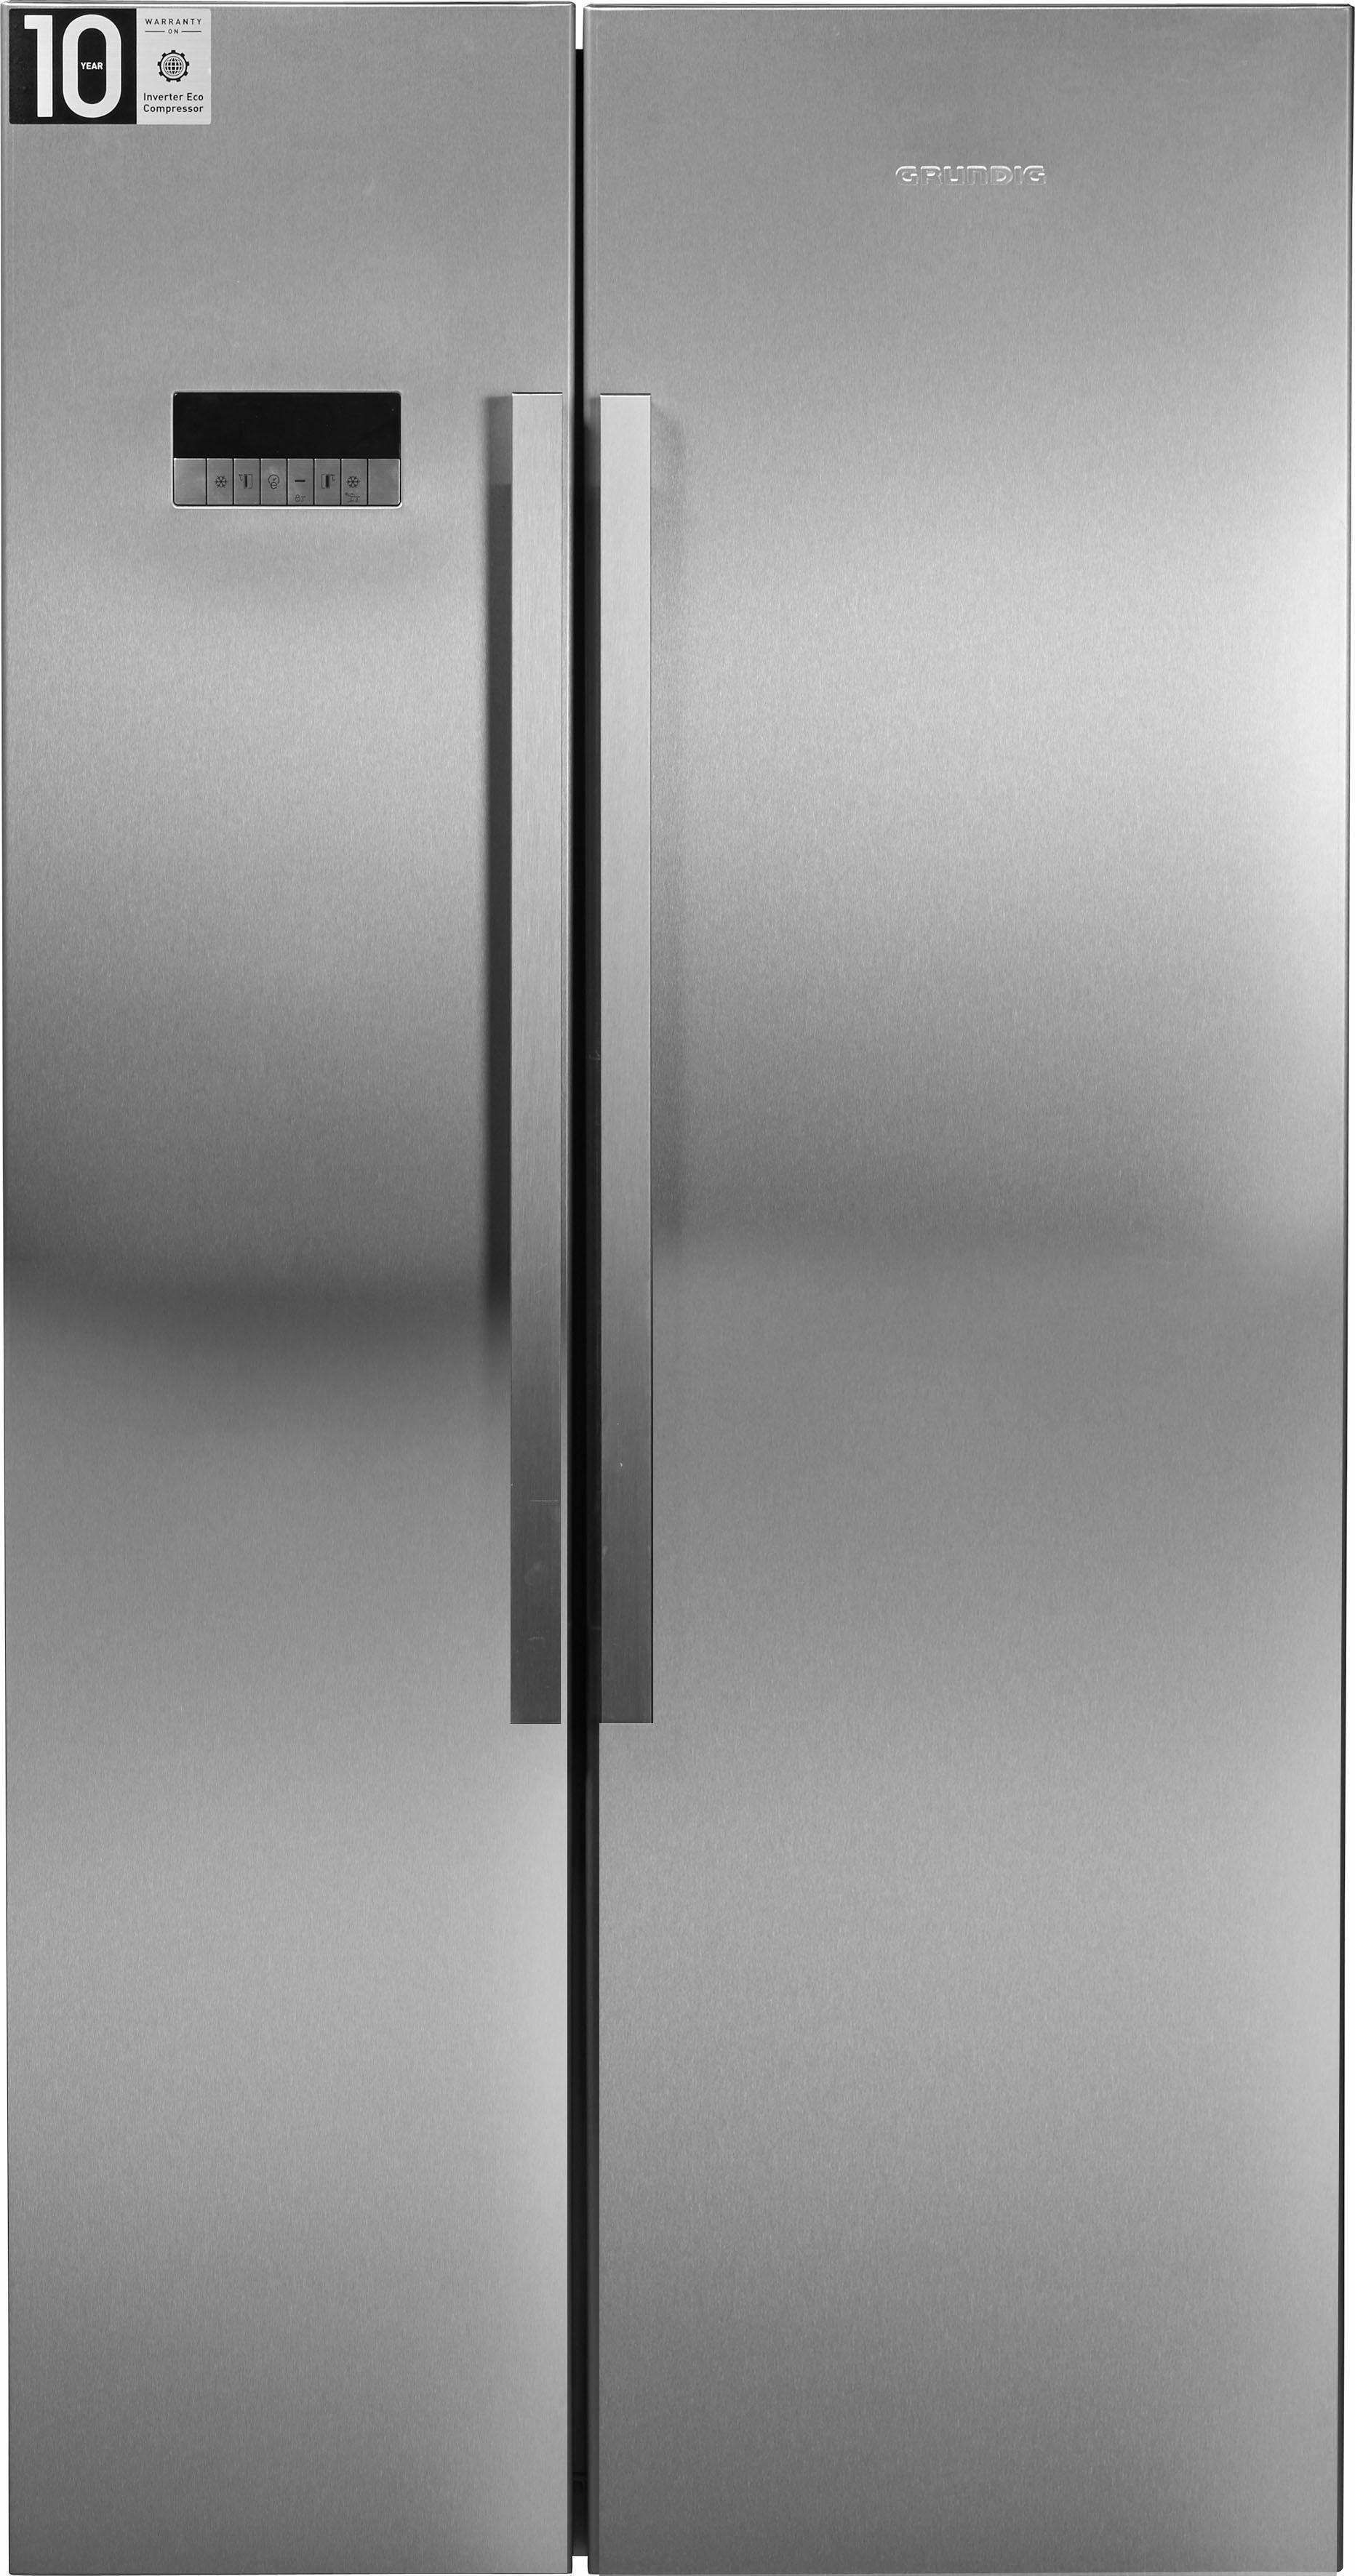 Grundig Side-by-Side GSBS11130X, 182 cm hoch, 91 cm breit